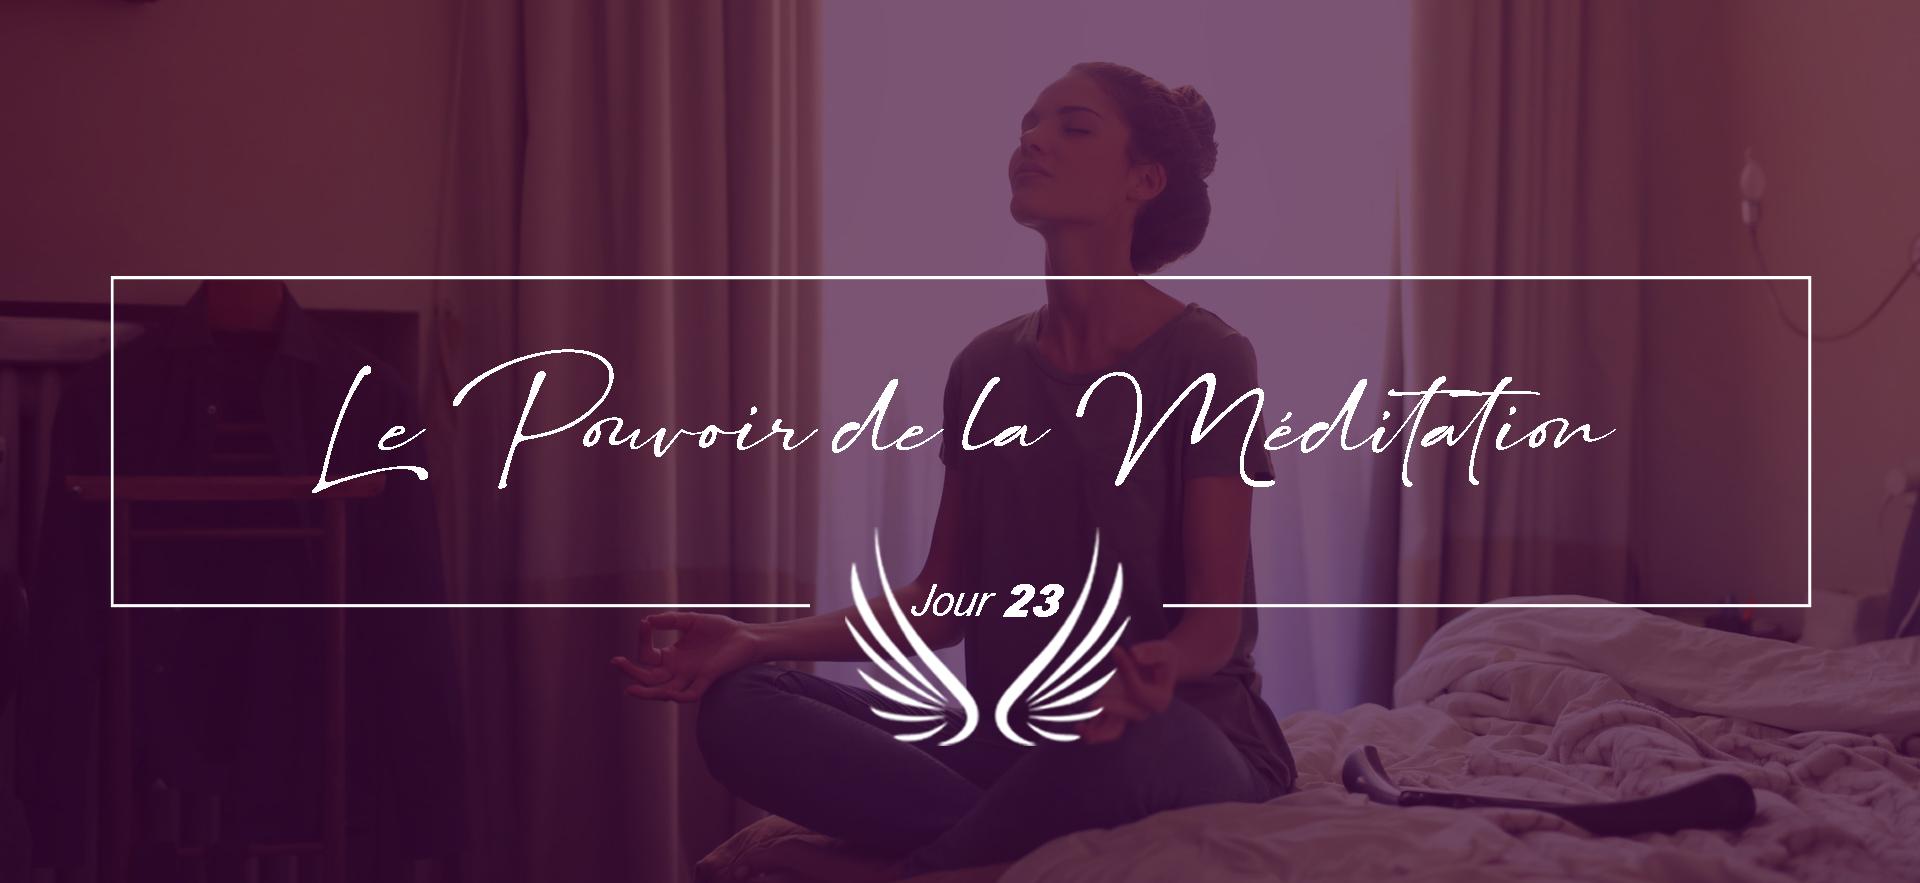 JOUR 23 – LE POUVOIR DE LA MEDITATION.pn